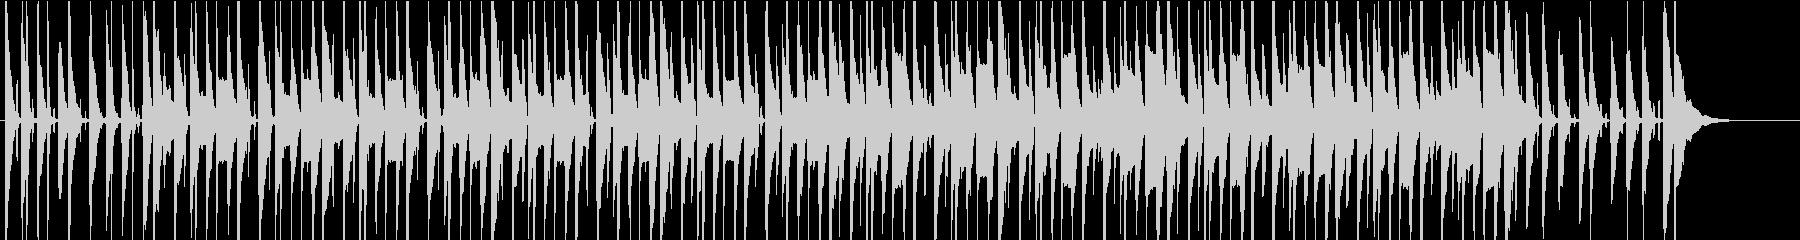 ウクレレほのぼのPOP2(オケ)の未再生の波形